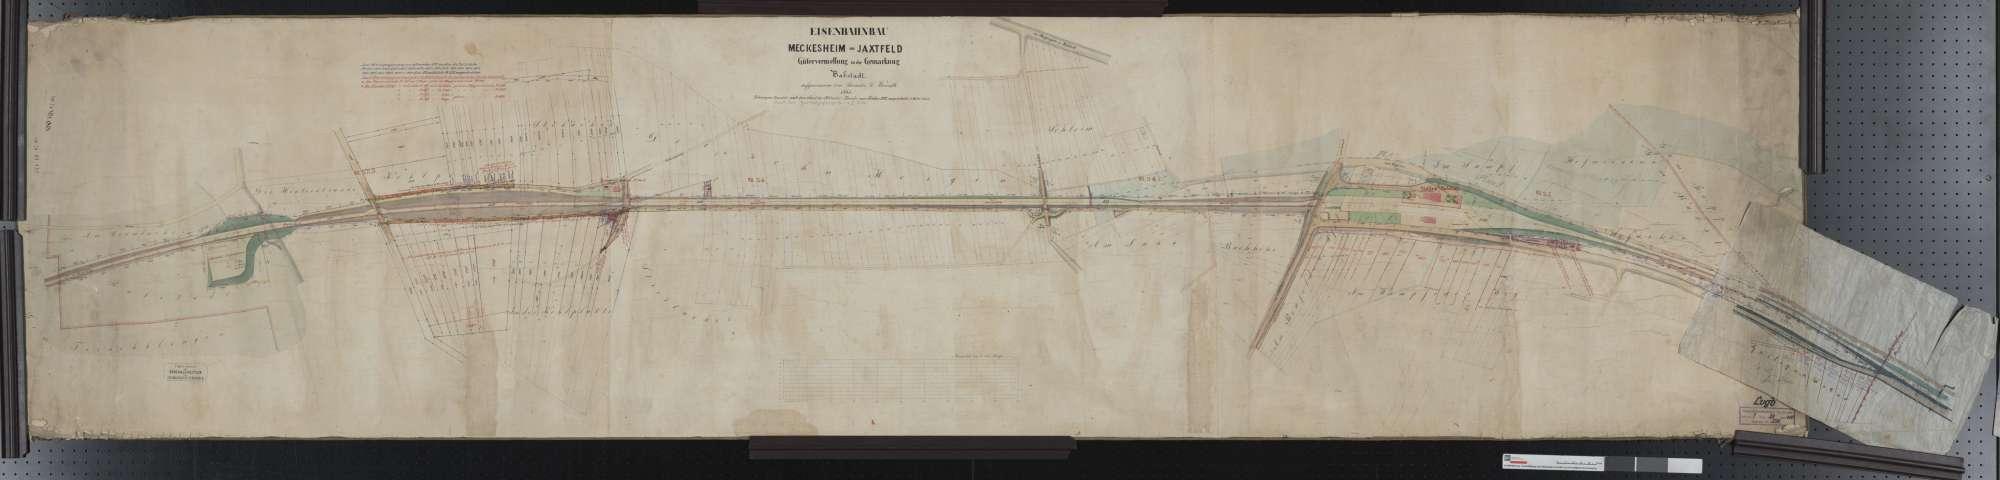 Gütervermessung der Bahn von Meckesheim bis Jagstfeld: Gemarkung Babstadt Streckenausschnitt: 23,1 bis 25,5 km, Bild 1